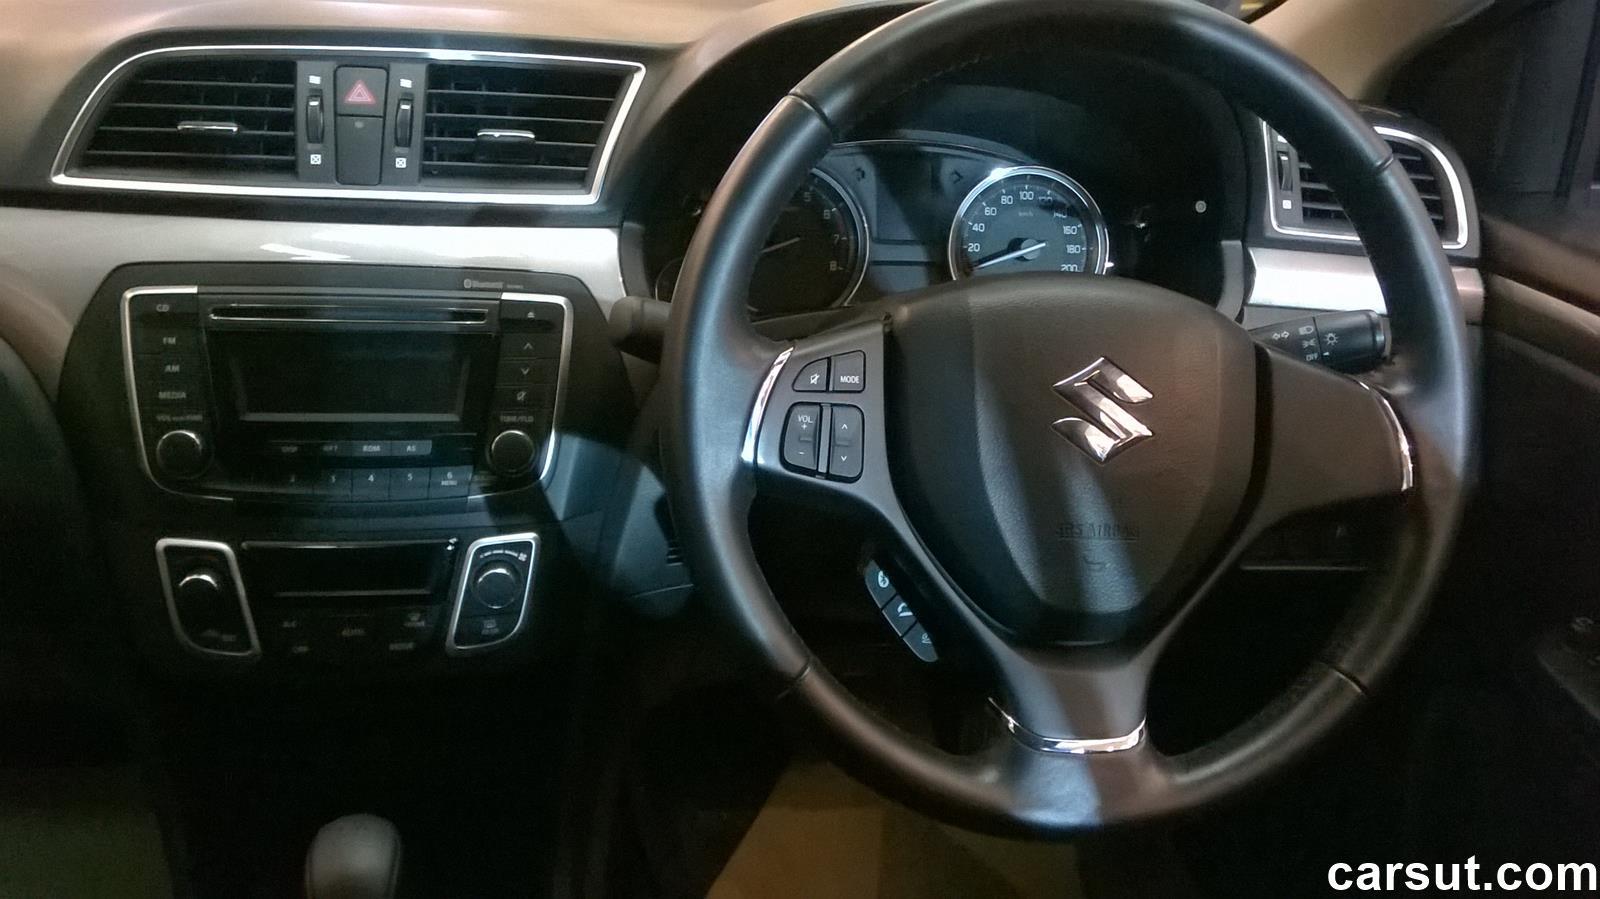 Suzuki Ciaz interior